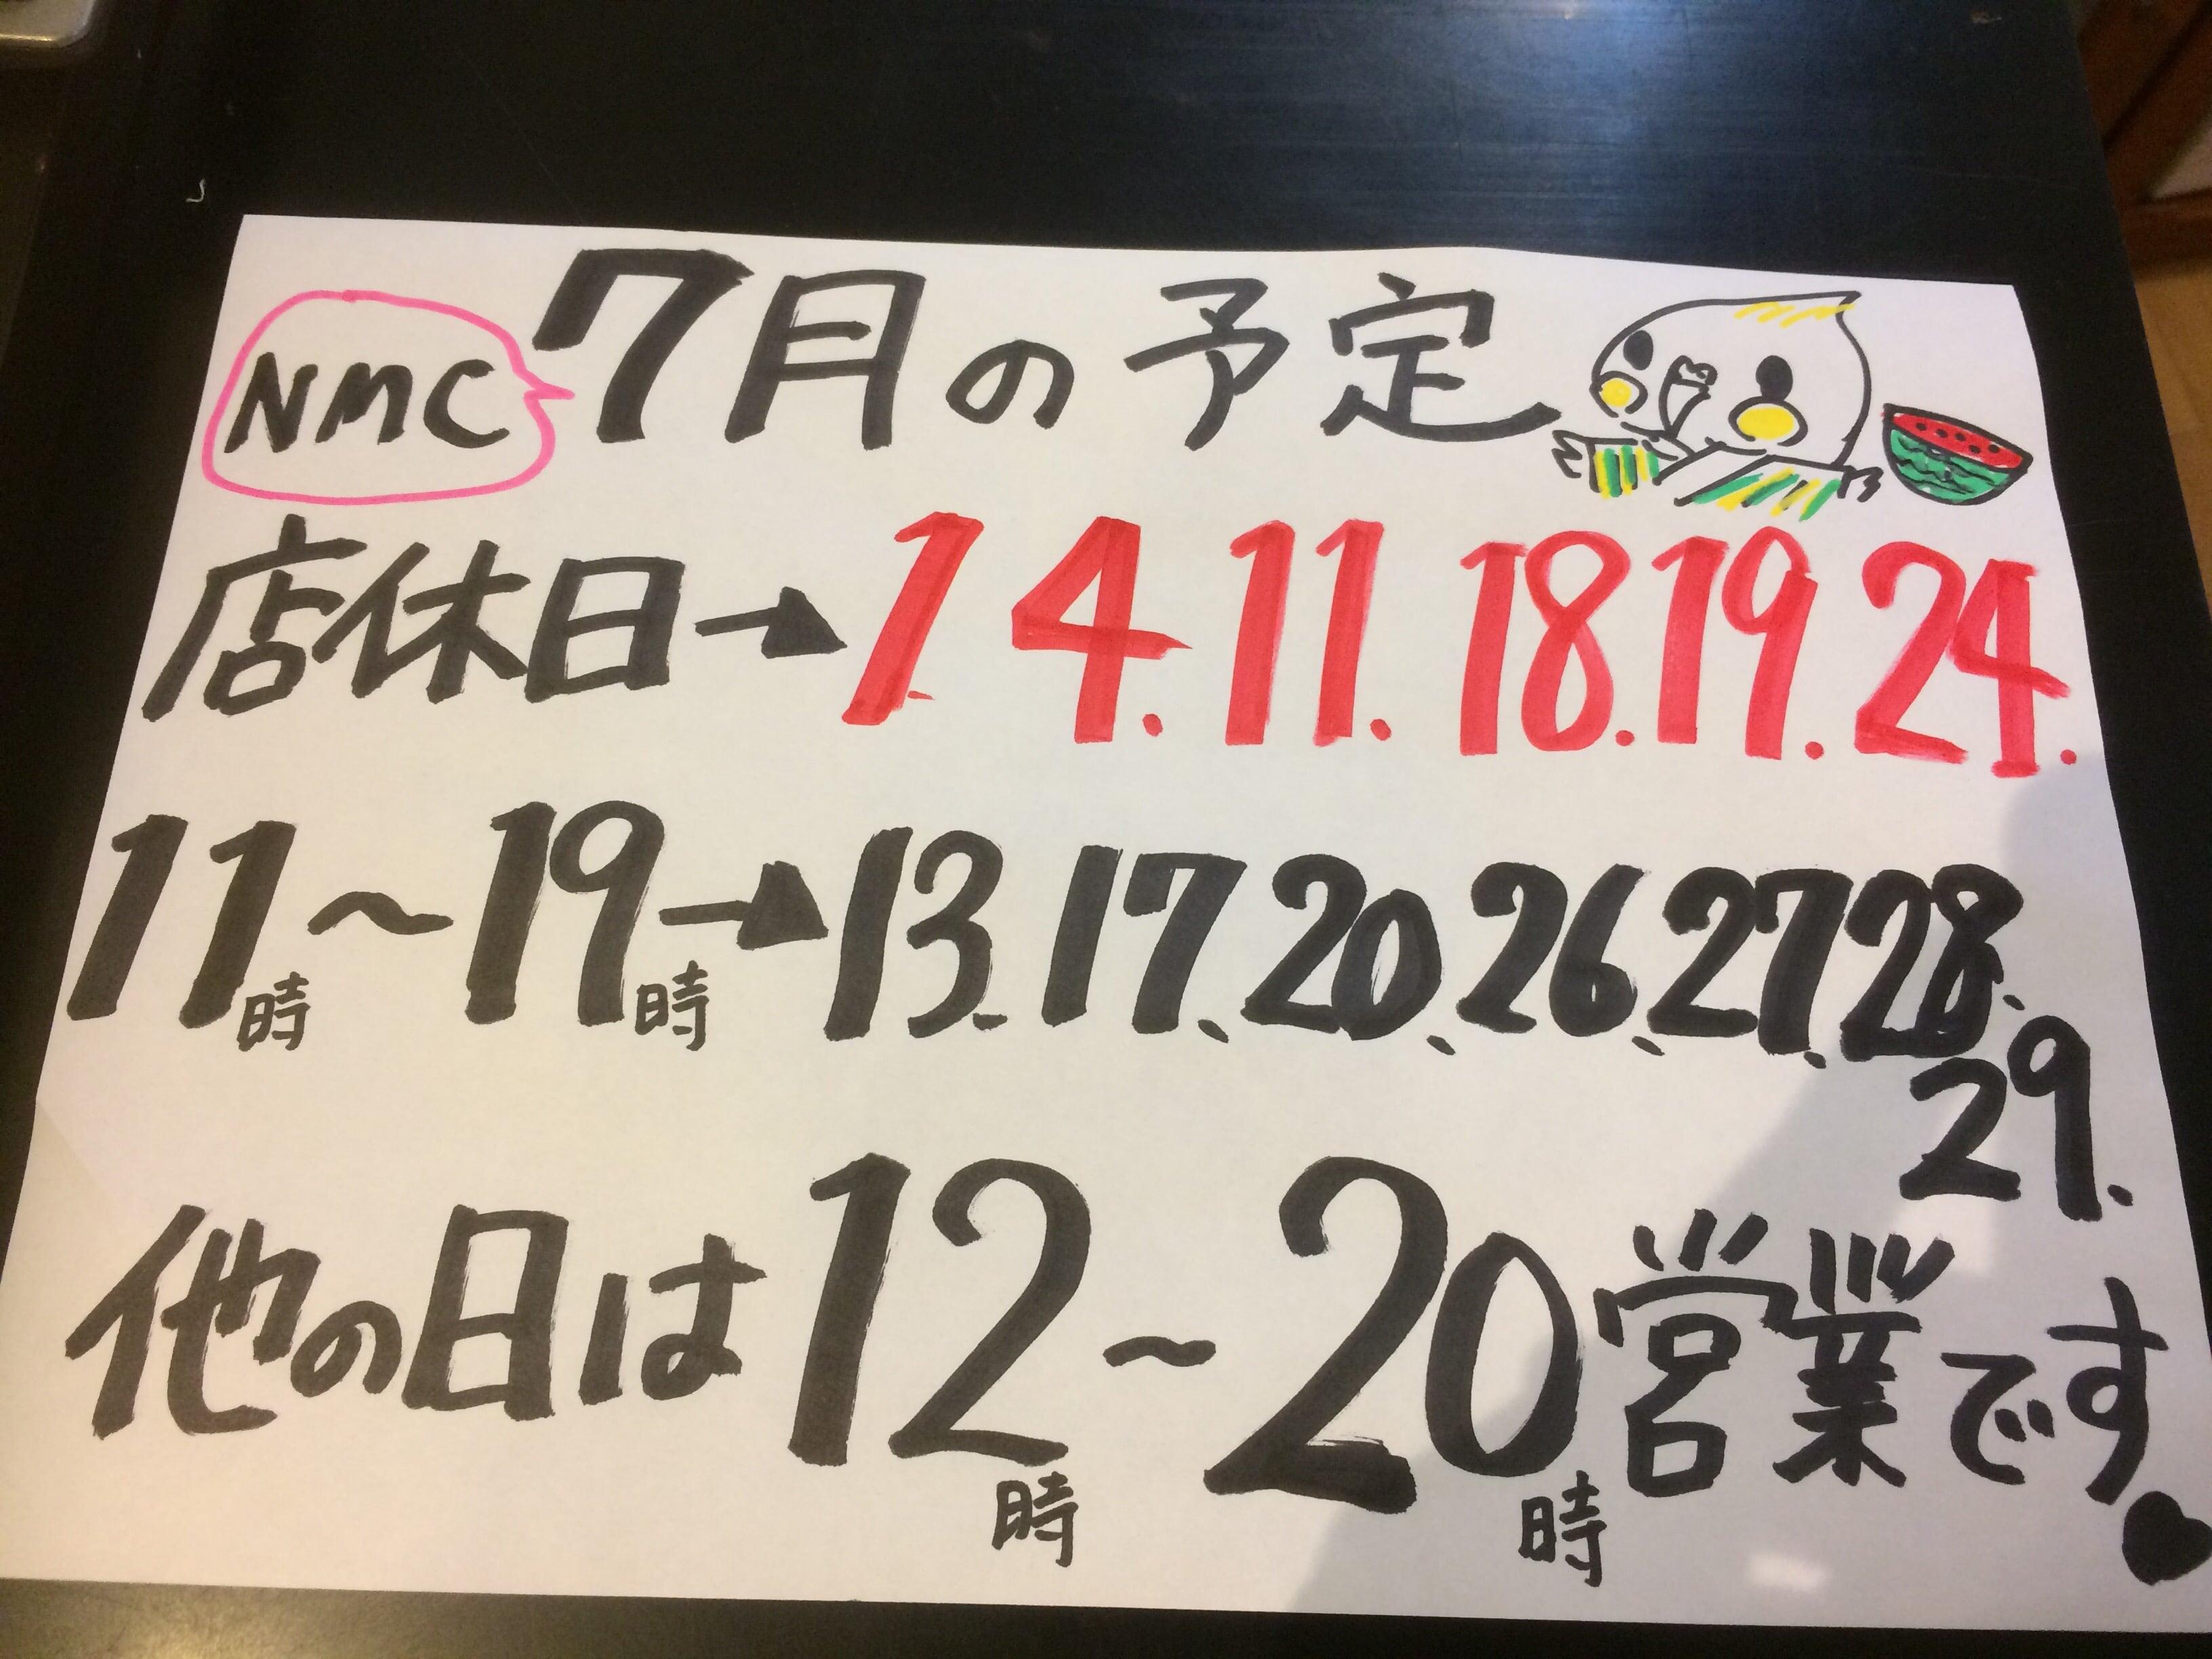 祖師ヶ谷大蔵のファッションセレクトショップNMC 営業時間変更のお知らせ